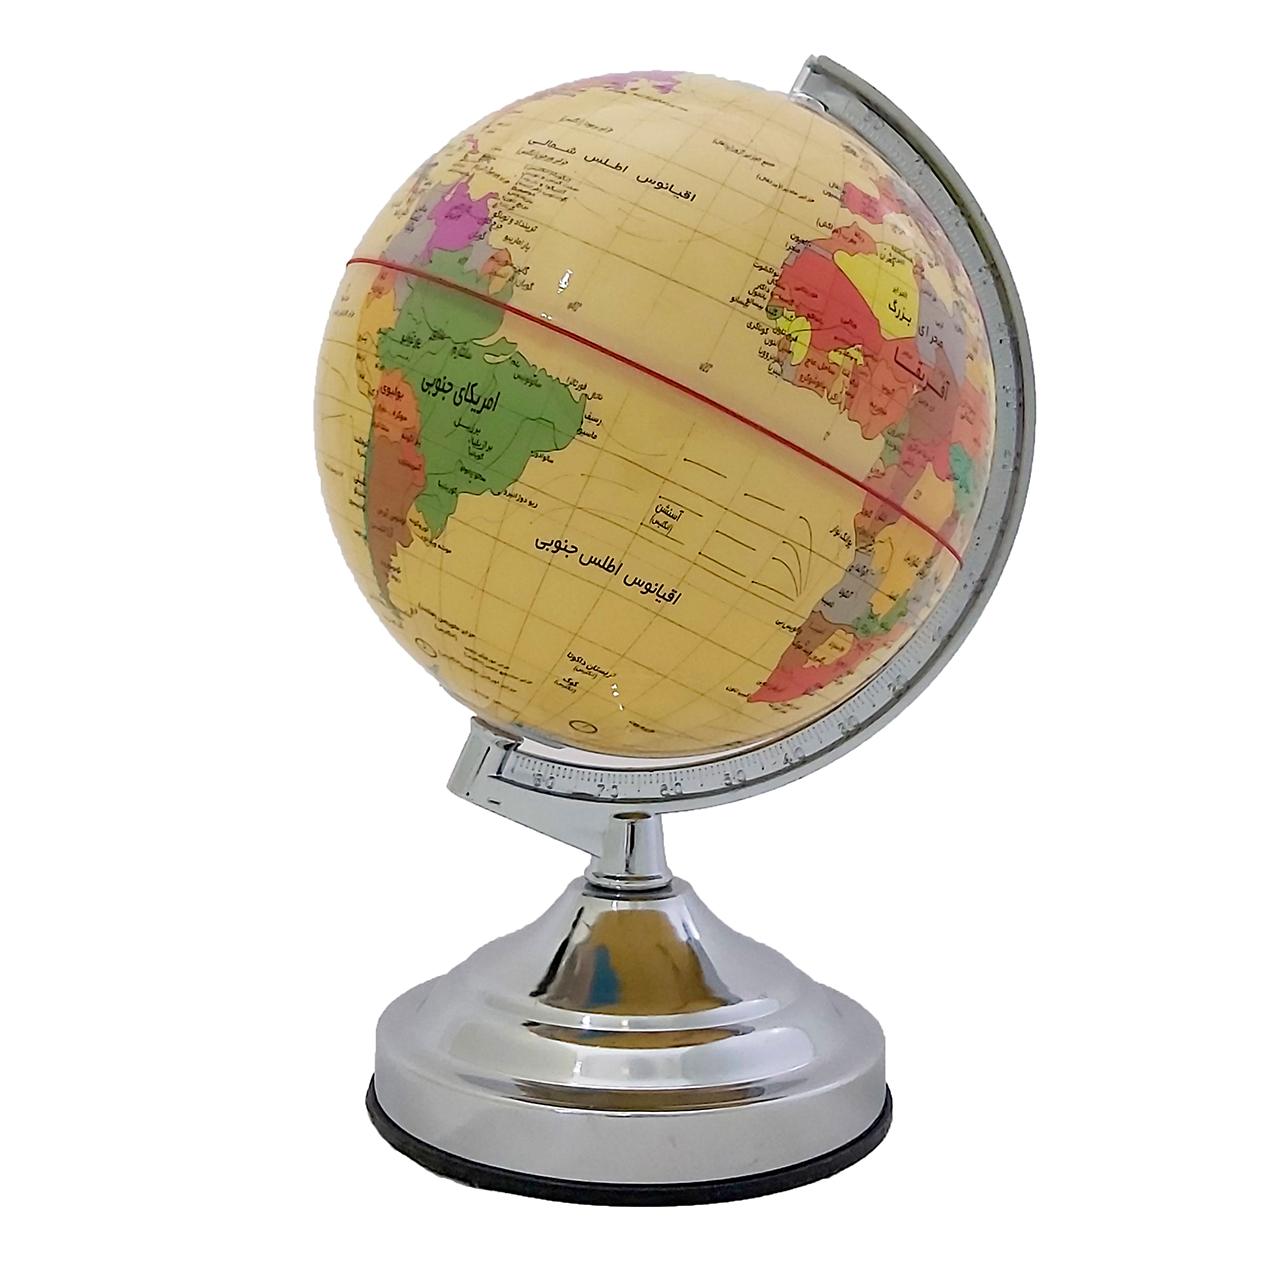 قیمت خرید کره جغرافیایی مدل Globe 20 اورجینال